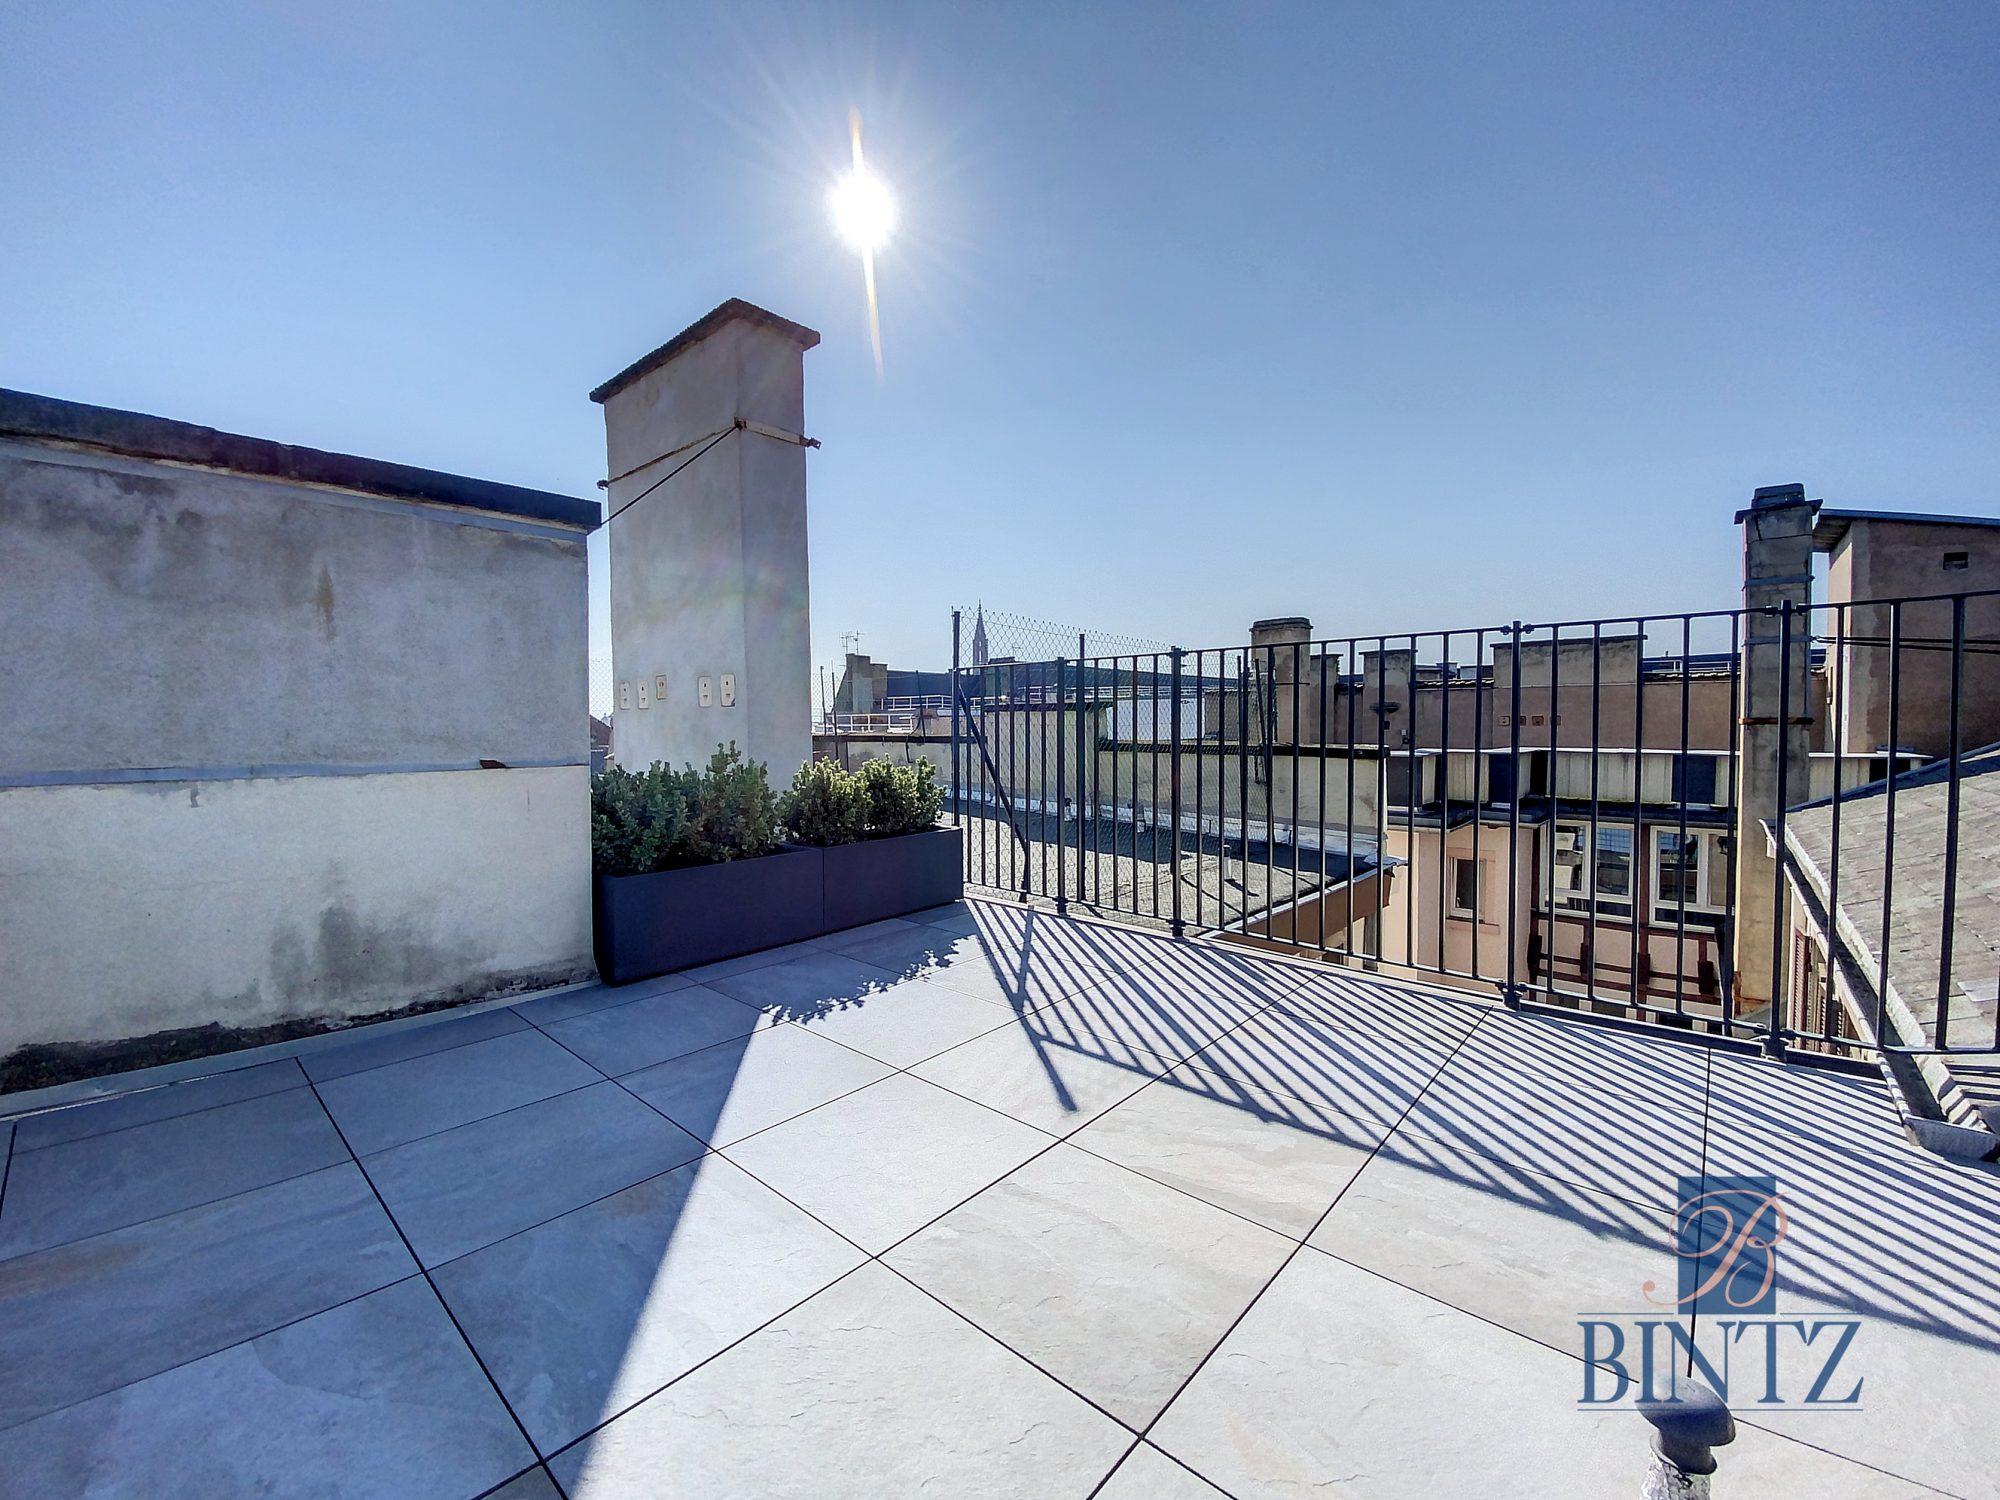 DUPLEX avec terrasse PLACE DE L'UNIVERSITÉ AVEC TERRASSE - Devenez locataire en toute sérénité - Bintz Immobilier - 2